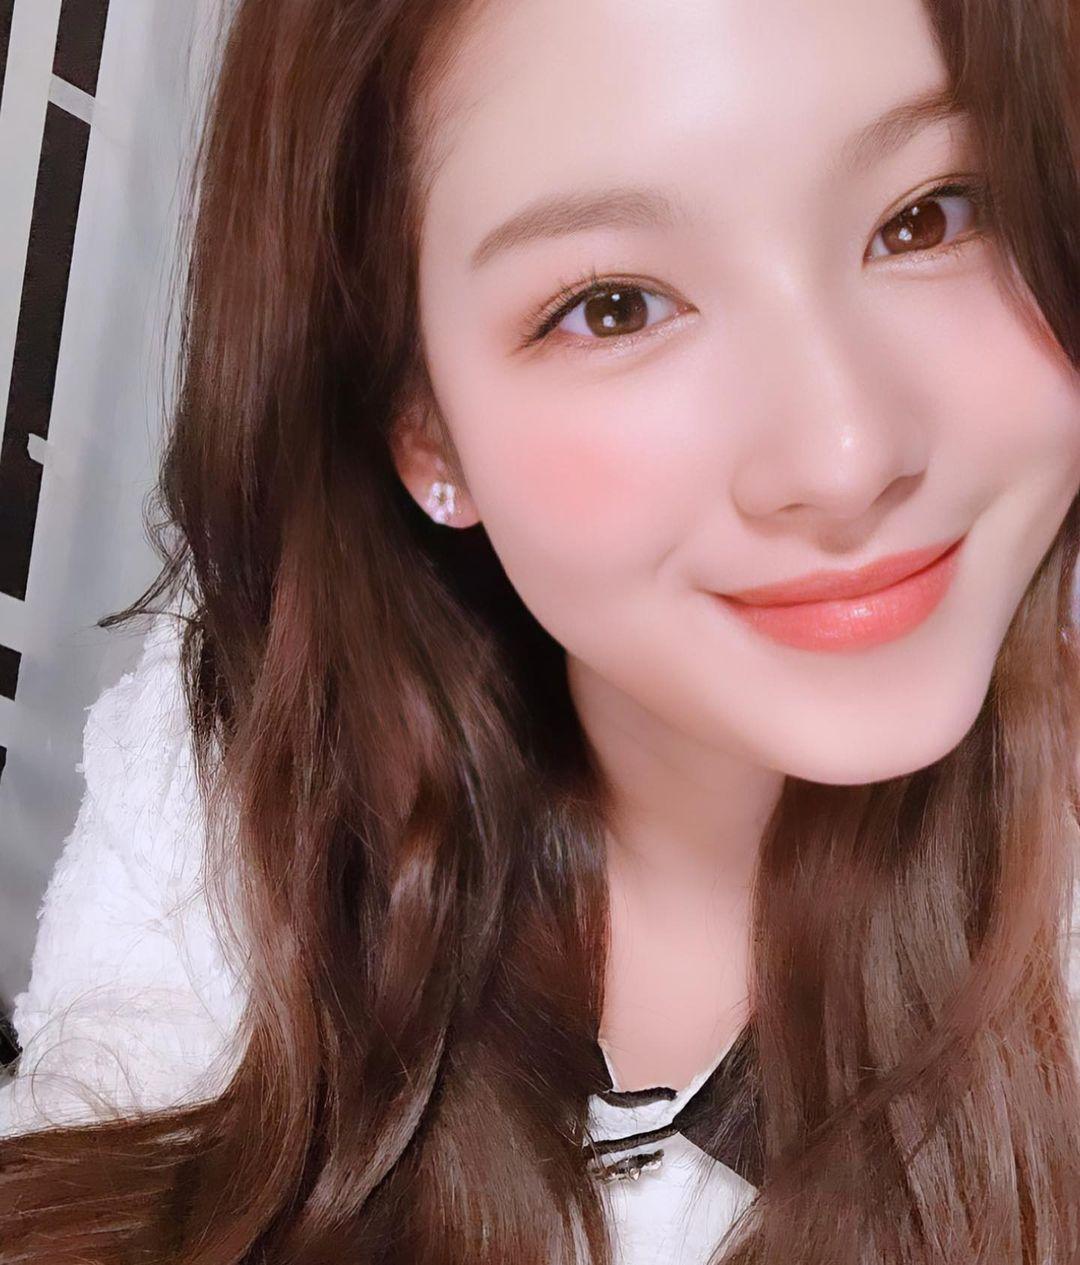 Son môi màu hồng cam mịn mượt vốn được xem là chân ái của Sana. Mỗi khi tô màu son này, nữ idol luôn ghi điểm với diện mạo đáng yêu, xinh tươi như thiên thần.